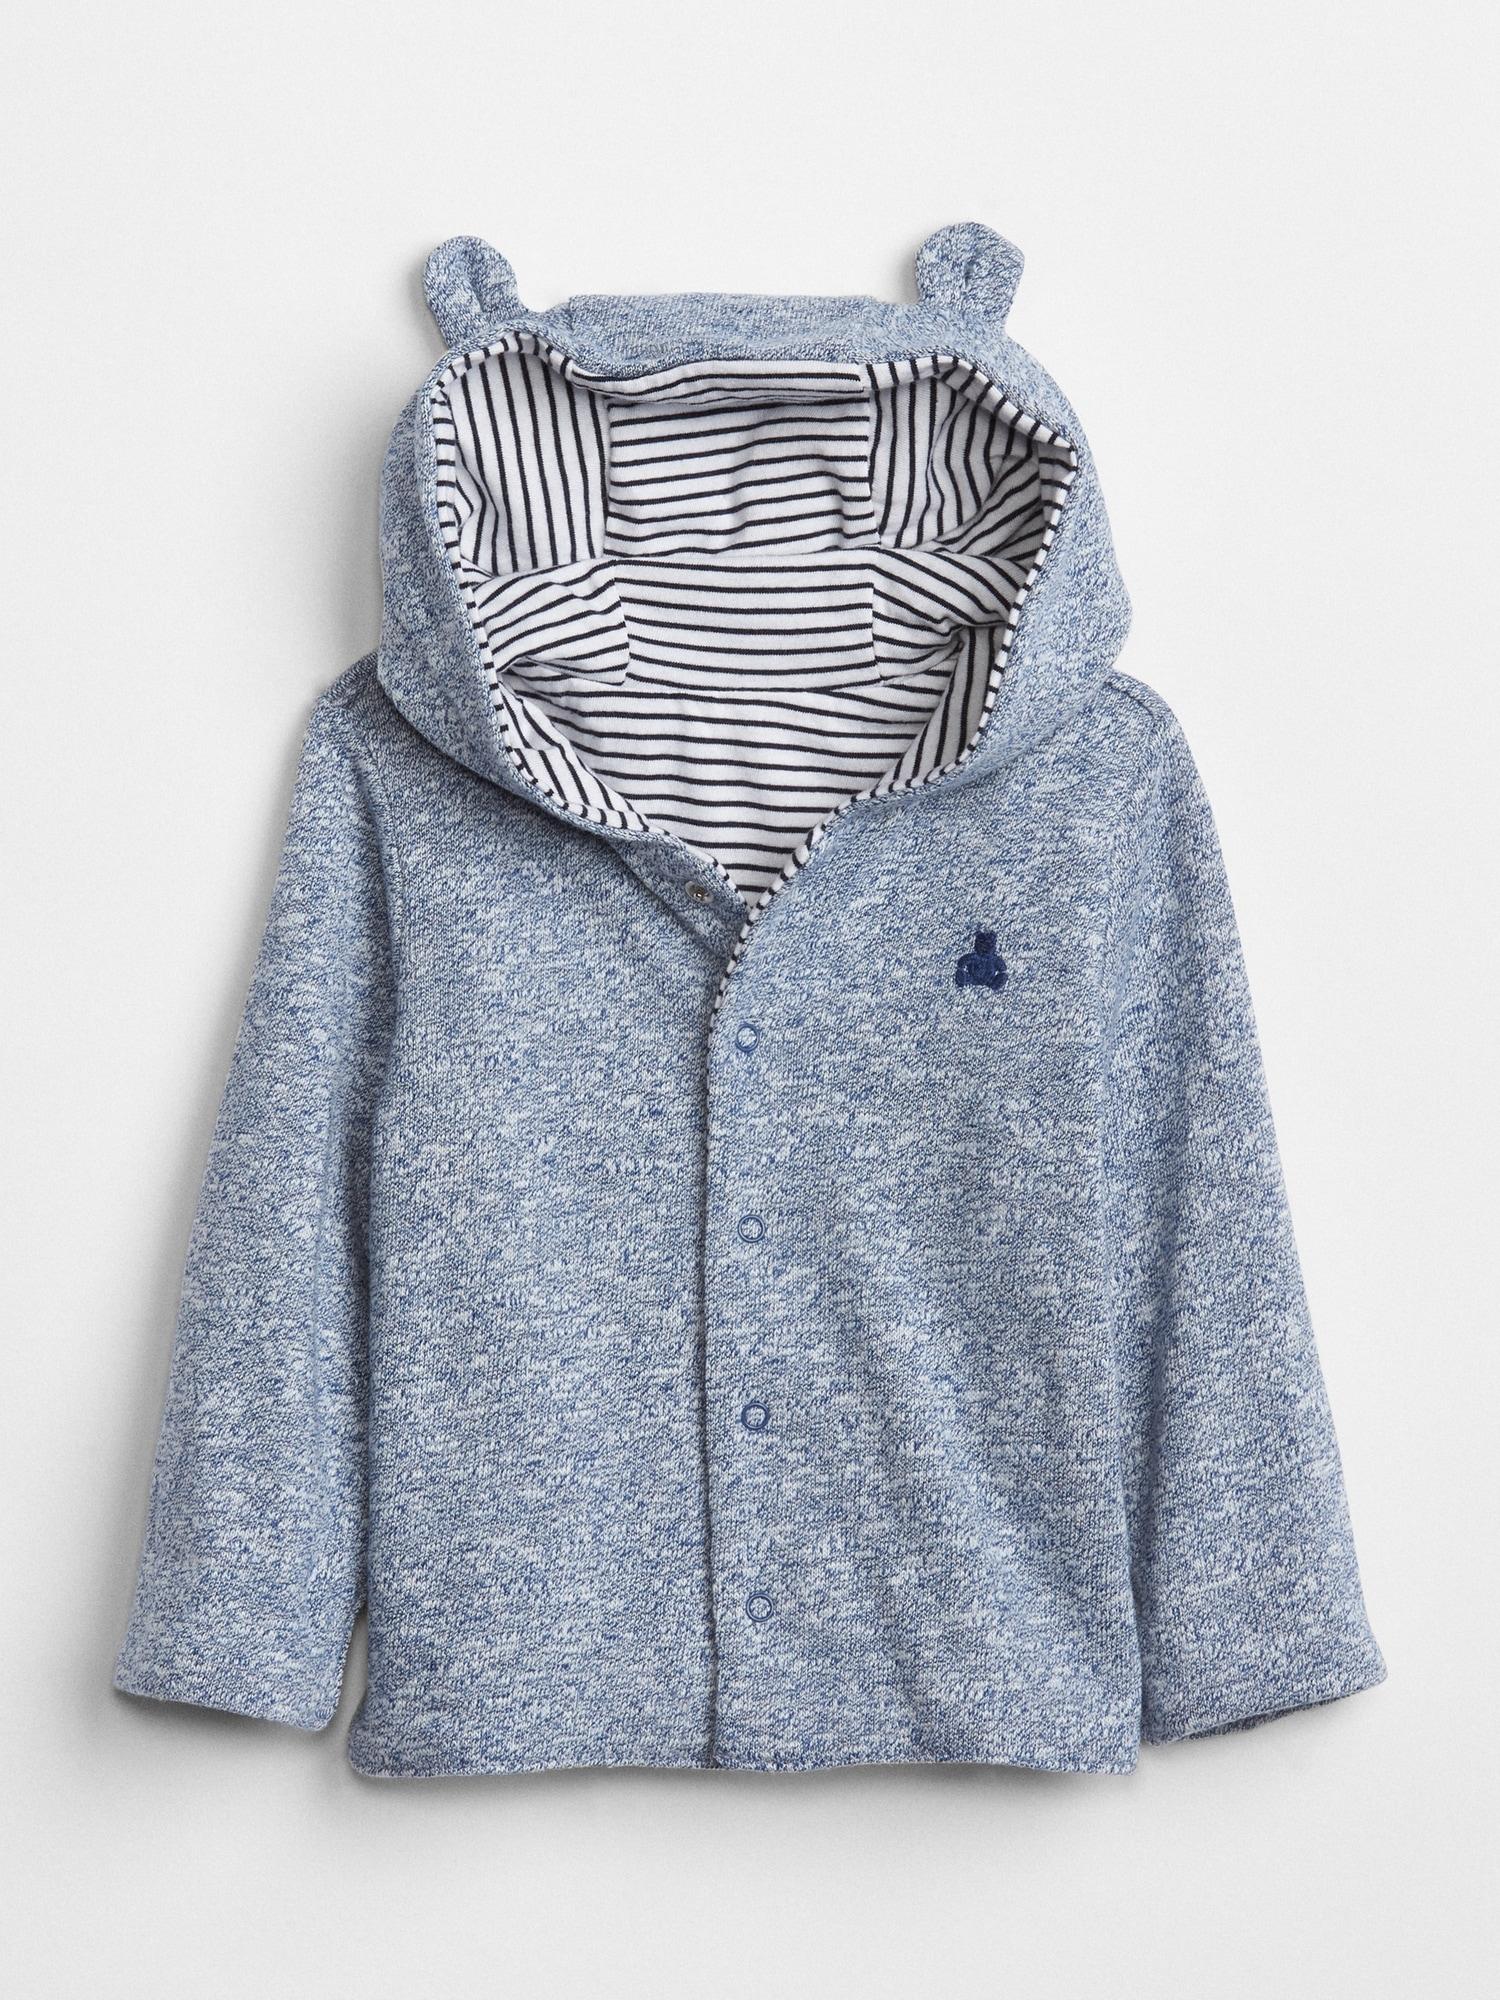 8bb2d60b747a5 Baby Favorite Reversible Bear Hoodie Sweatshirt